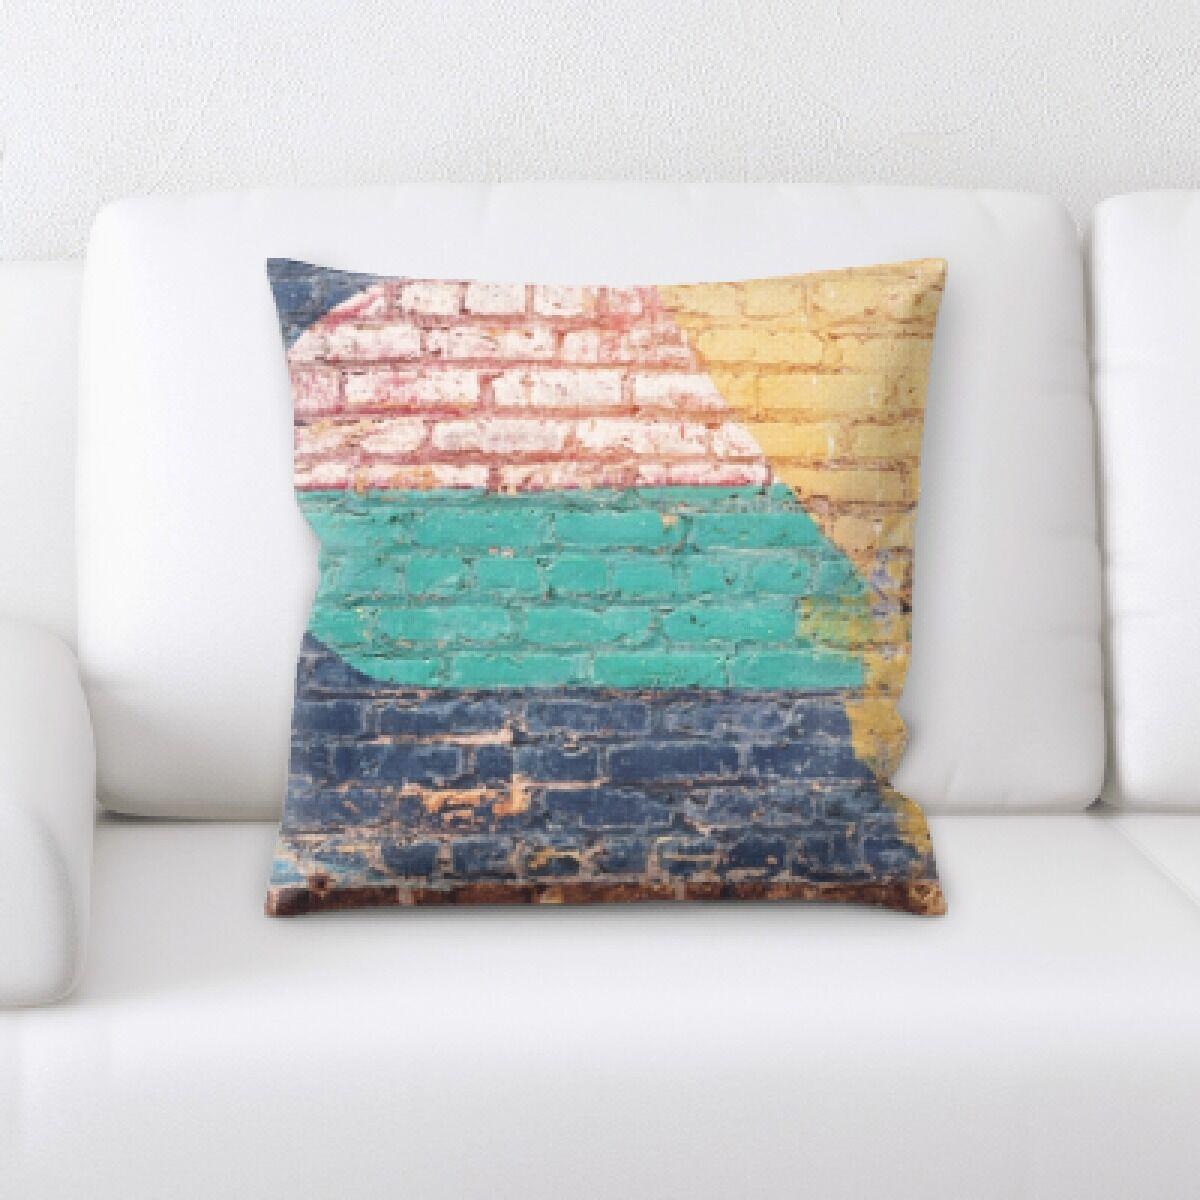 Lake Art on the Wall Throw Pillow